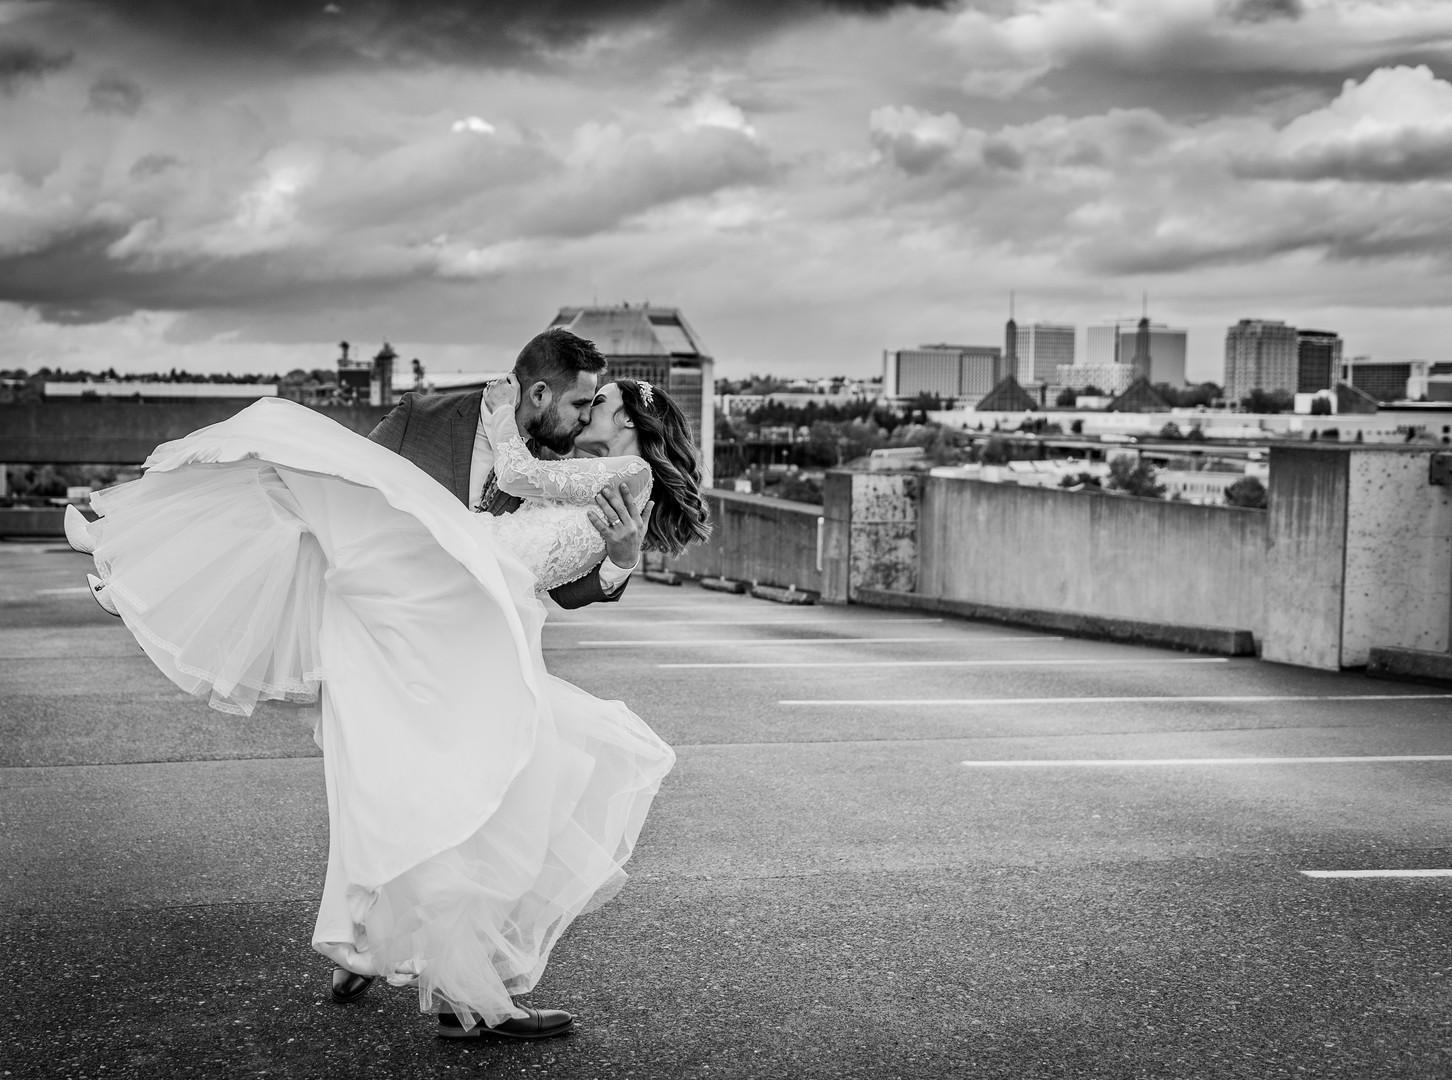 groom spinning bride